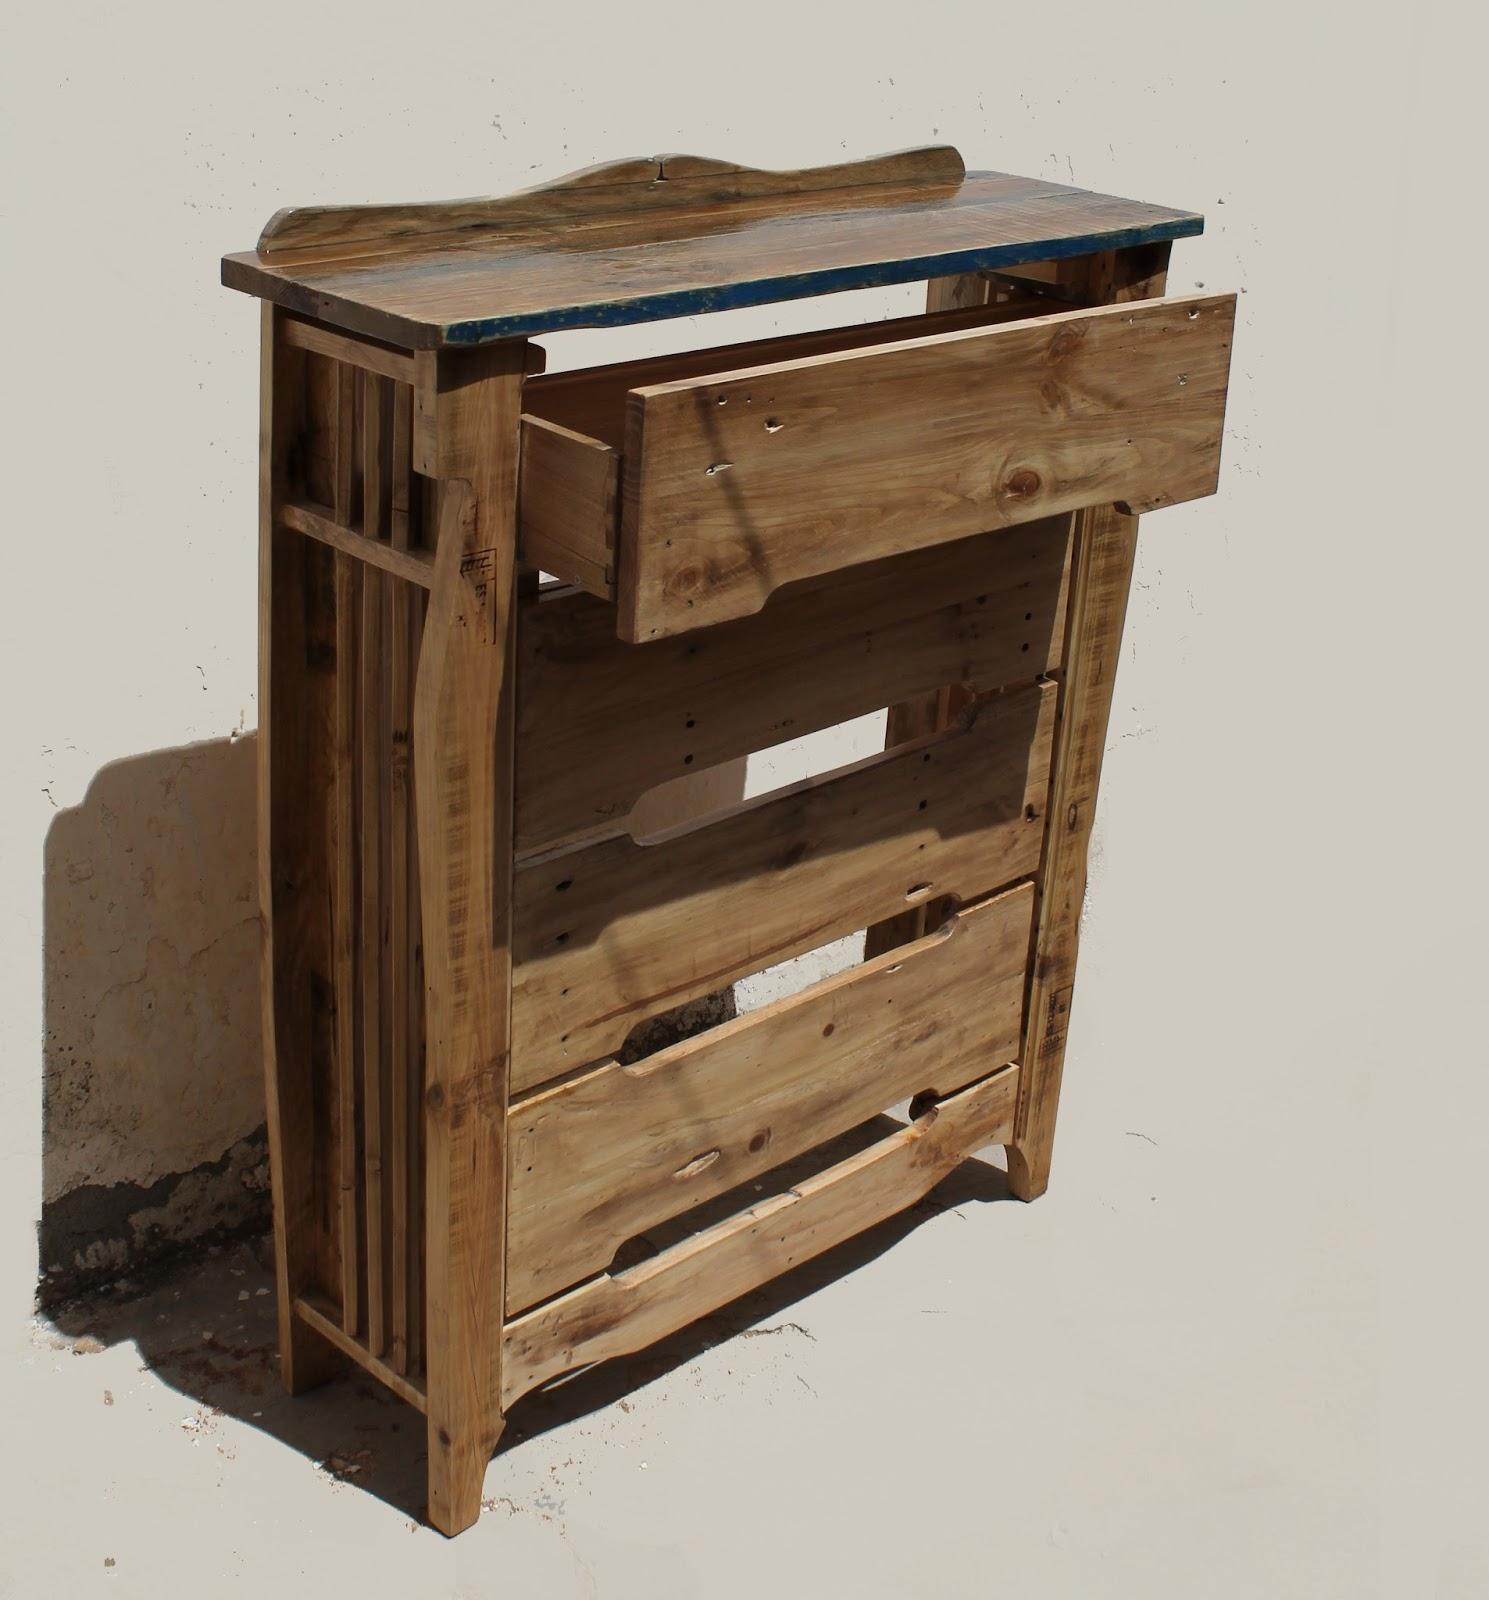 Rullo studio otra vida para las maderas cubre radiador 02a for Muebles con madera reciclada